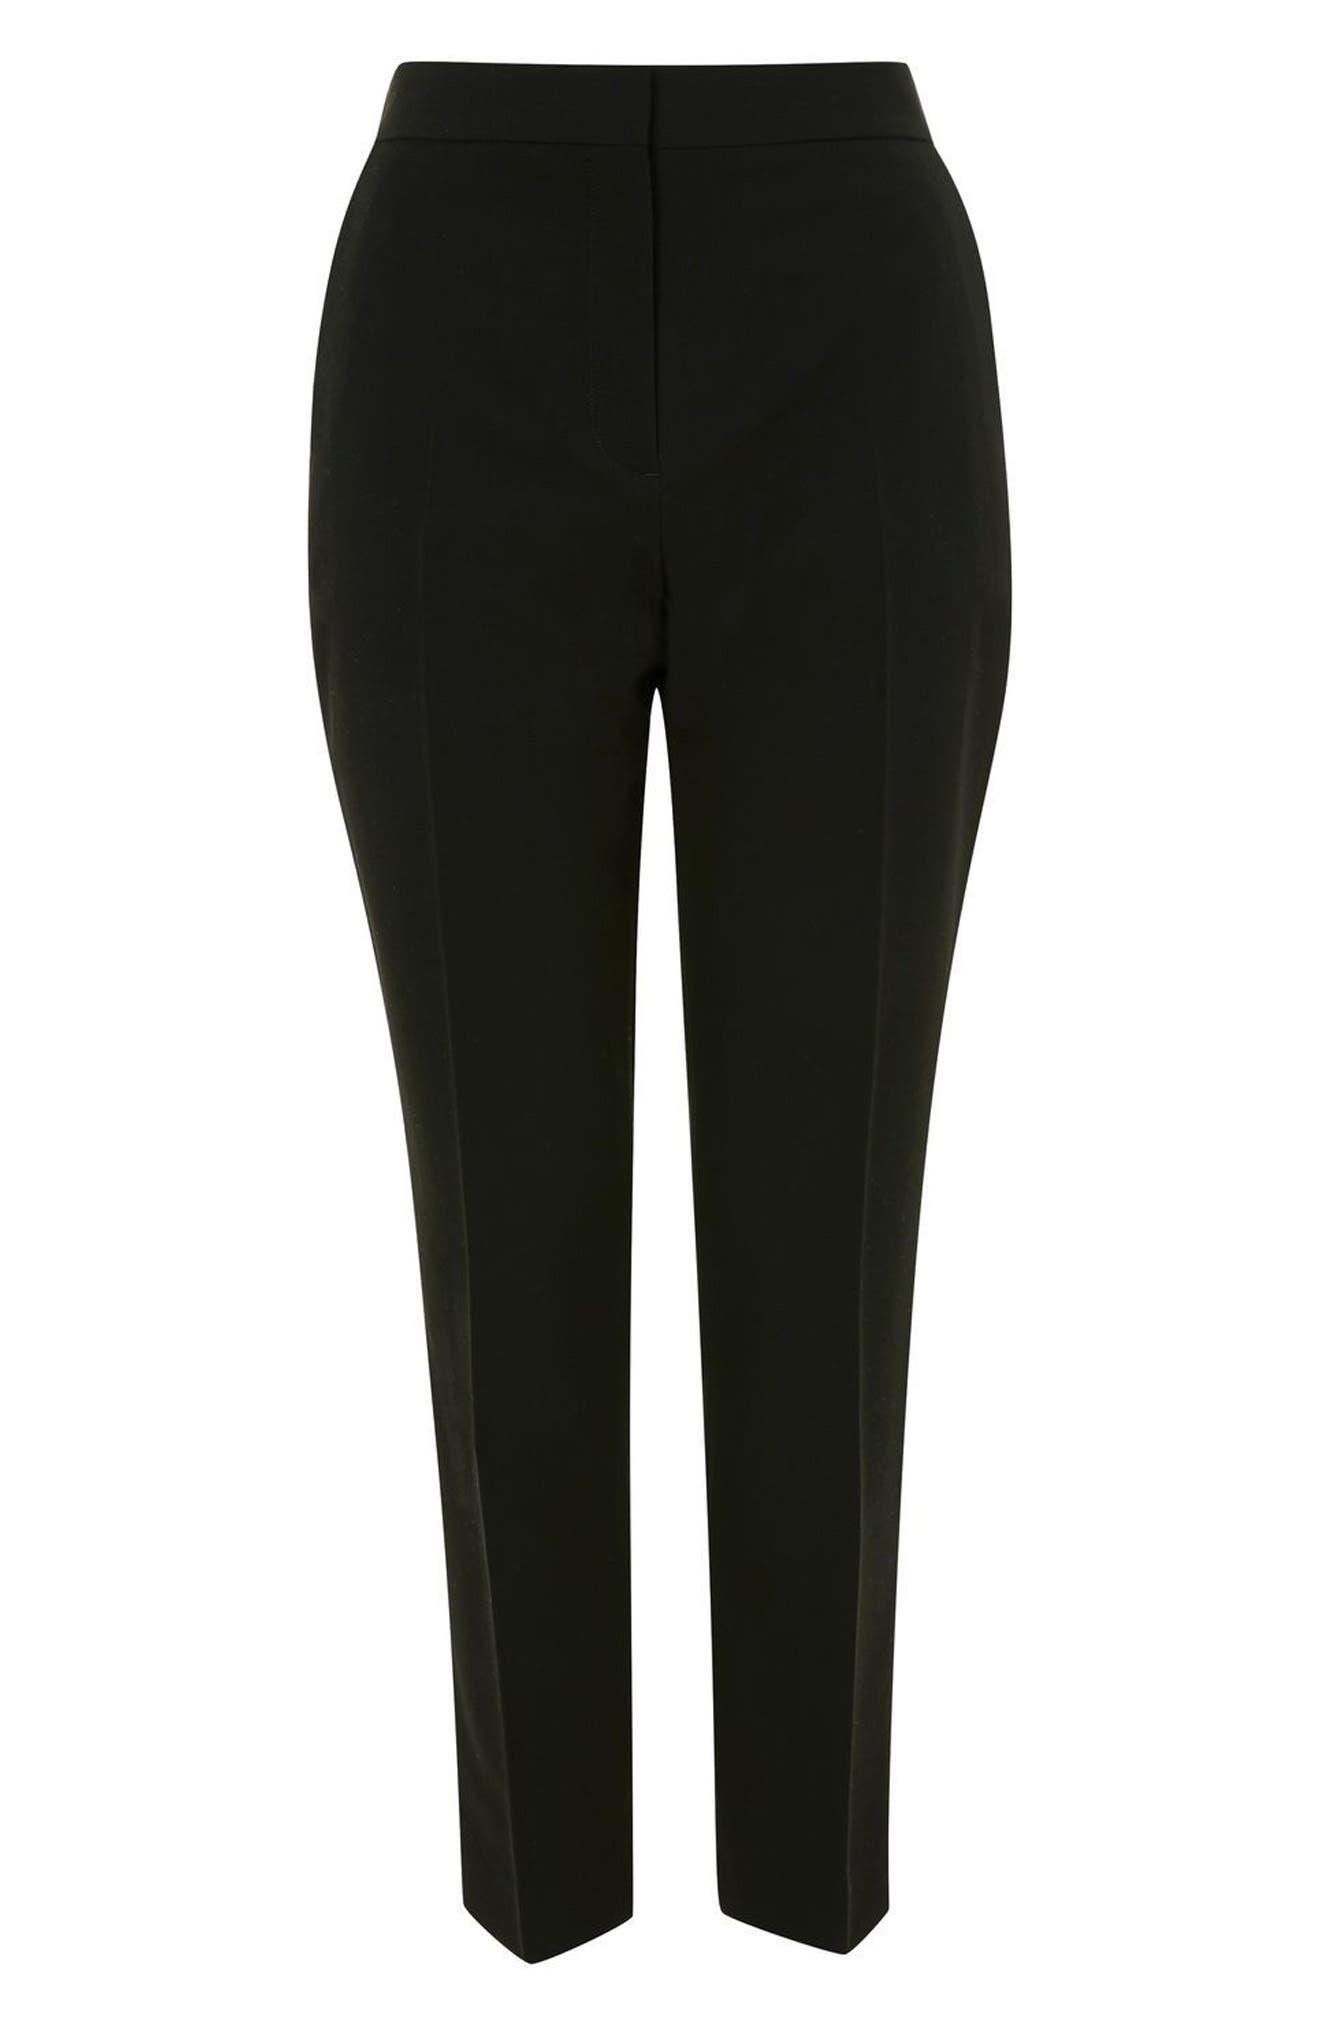 Tailored Suit Trouser Pants,                             Alternate thumbnail 3, color,                             001